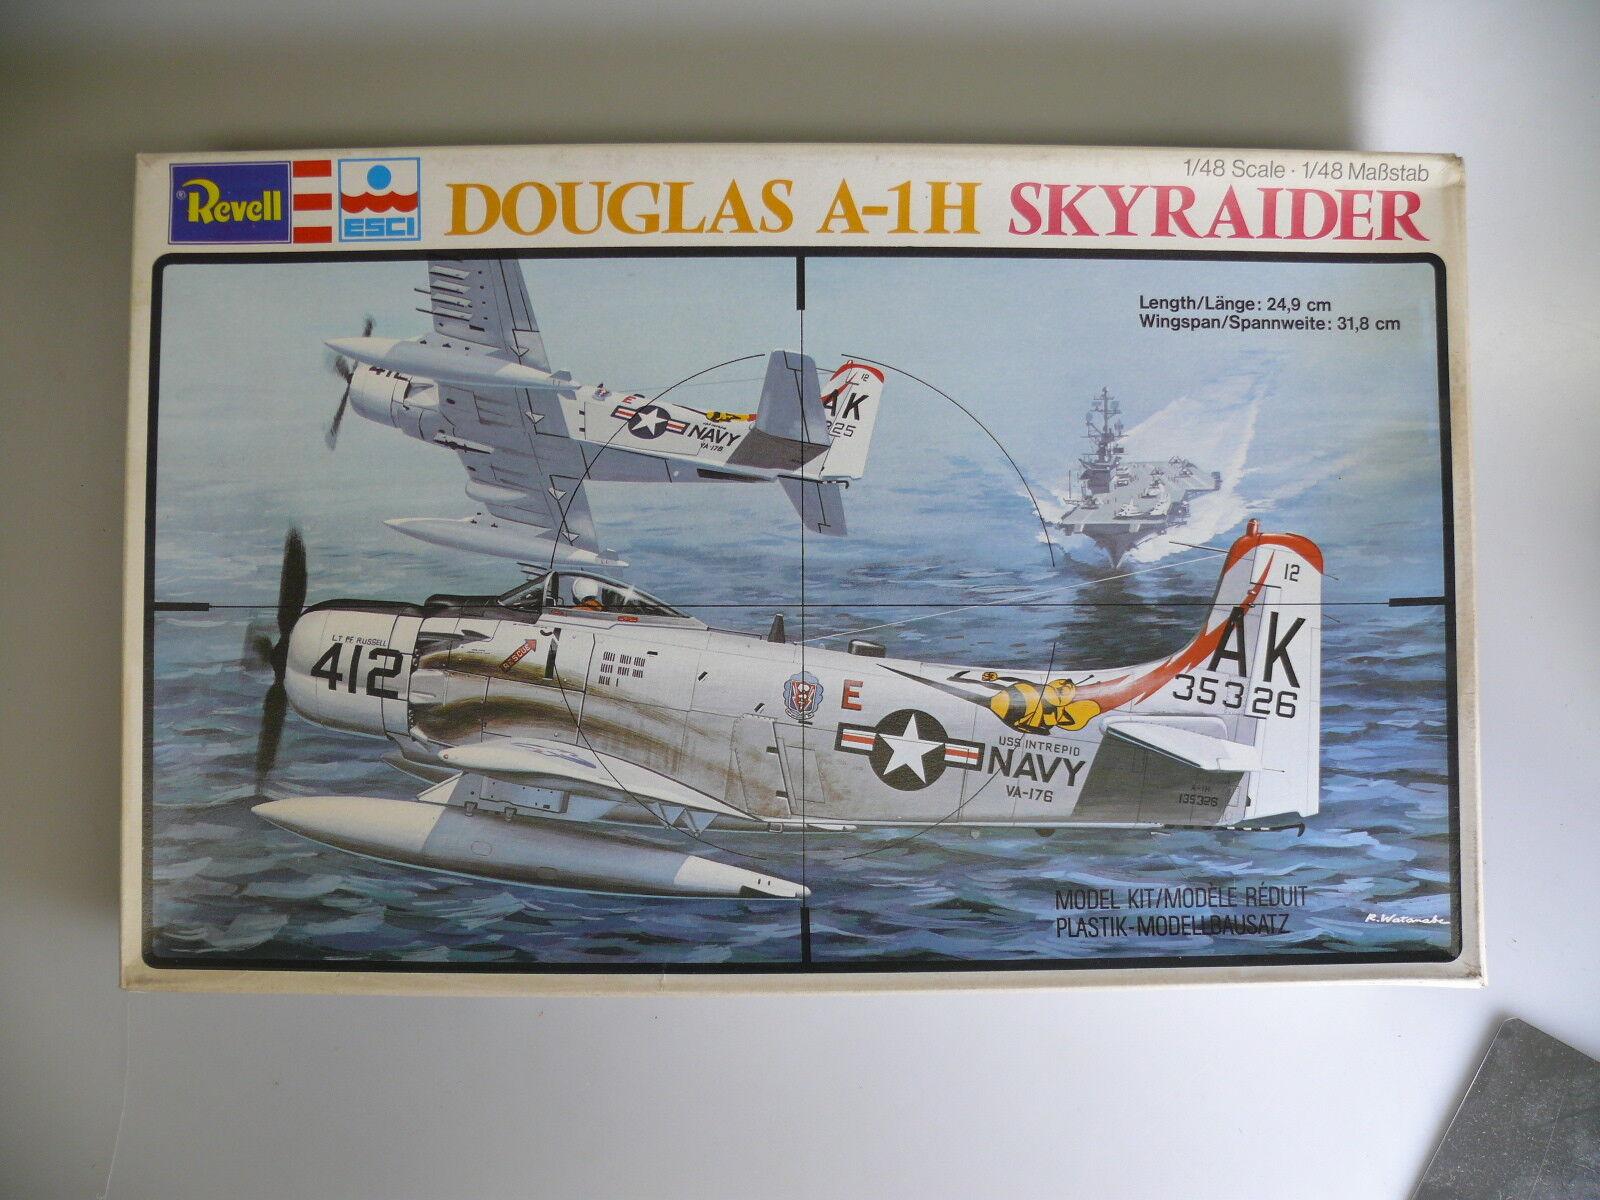 clásico atemporal 1 48 Revell H-2298 Douglas A-1h 'Skyraider' 'Skyraider' 'Skyraider' – Nuevo Embalaje Original  promociones de descuento